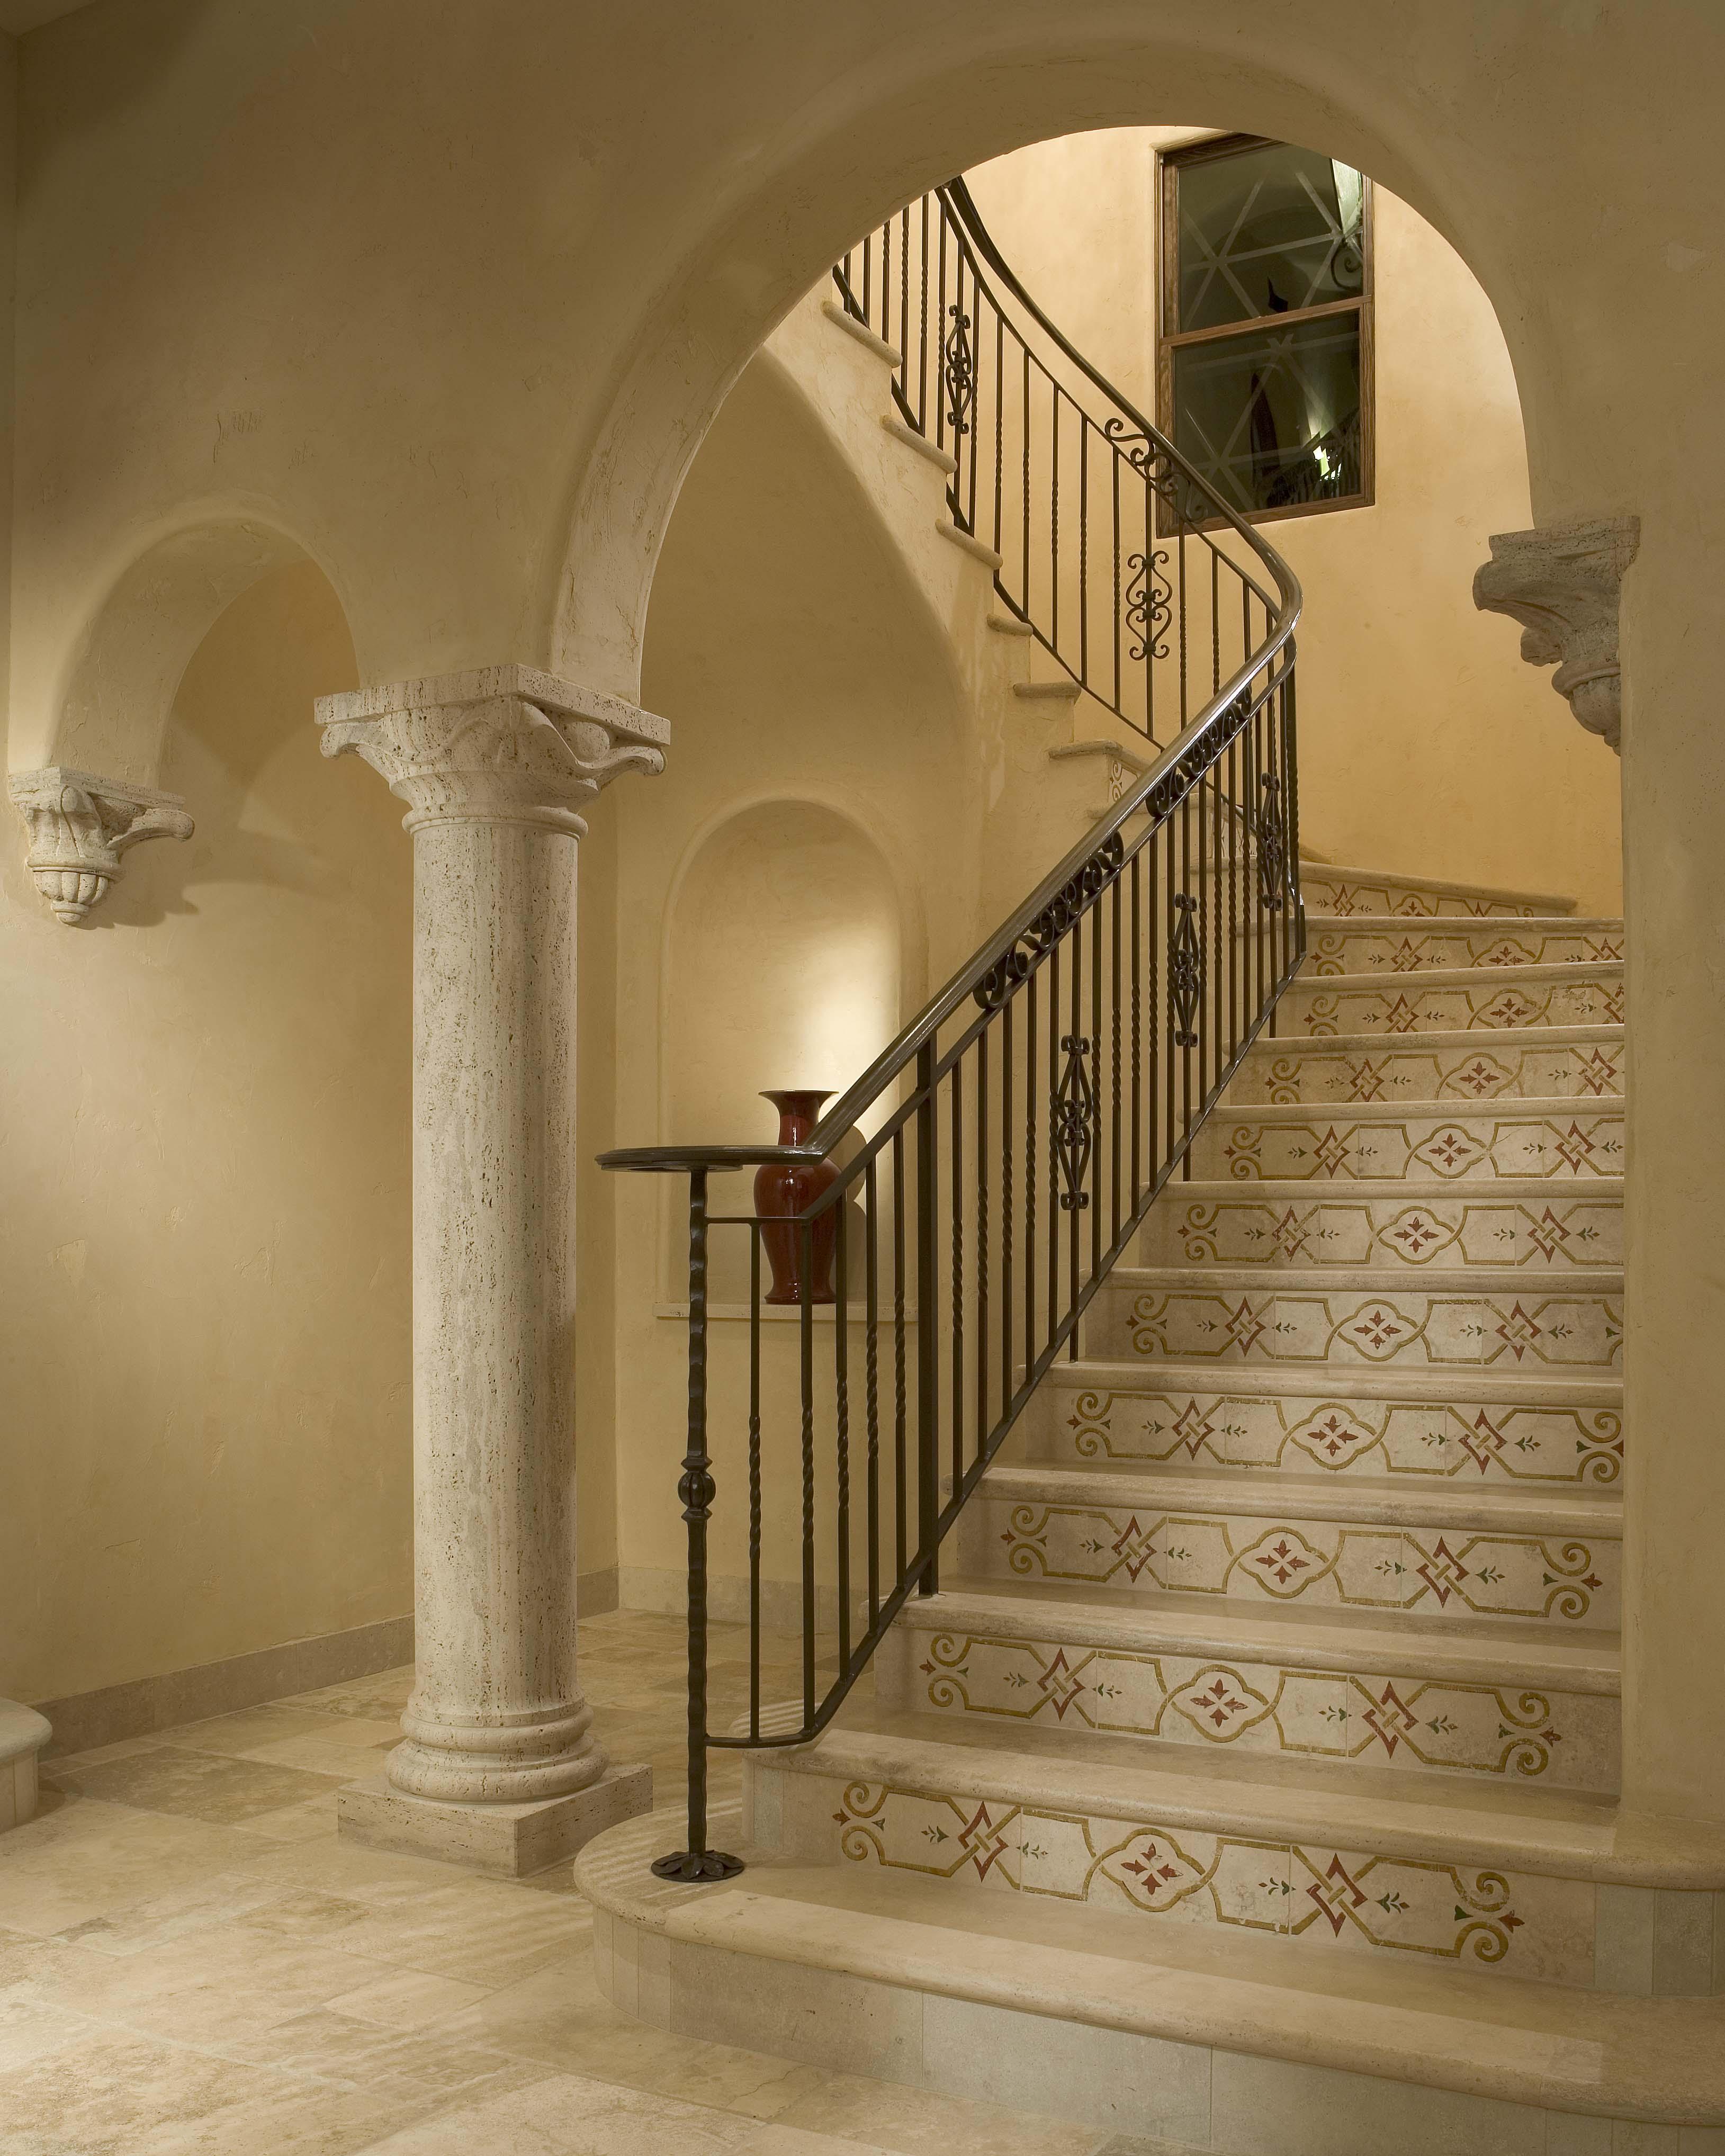 Mediterranean Style: Timeless Architecture: Formal Mediterranean Style